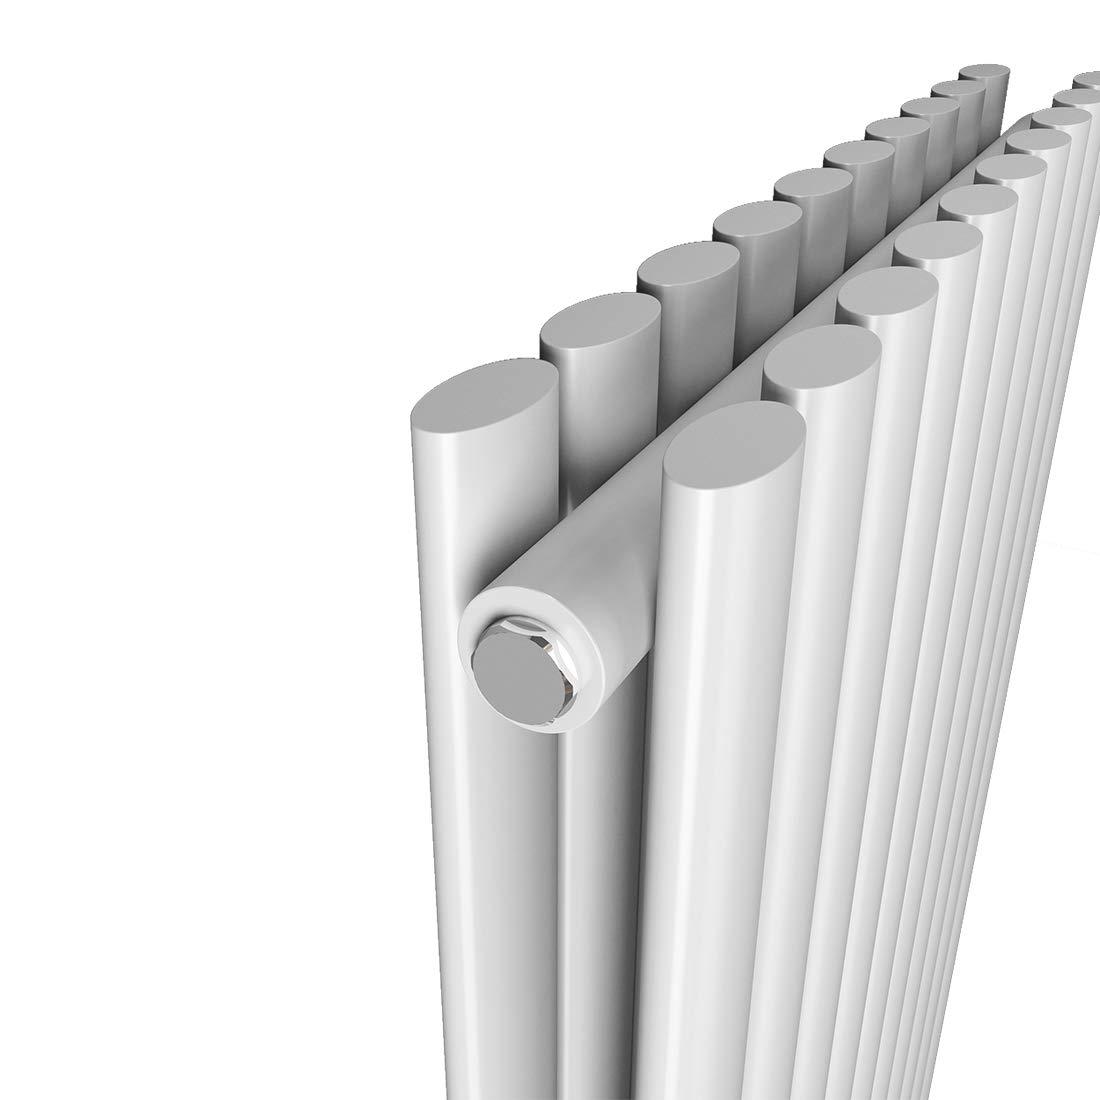 Wei/ß 1814 Watt Vertikal Oval Paneelheizk/örper Heizung Mittelanschluss Doppellagig Design Oval Vertikal Heizk/örper Heizung 1800 x 480 mm